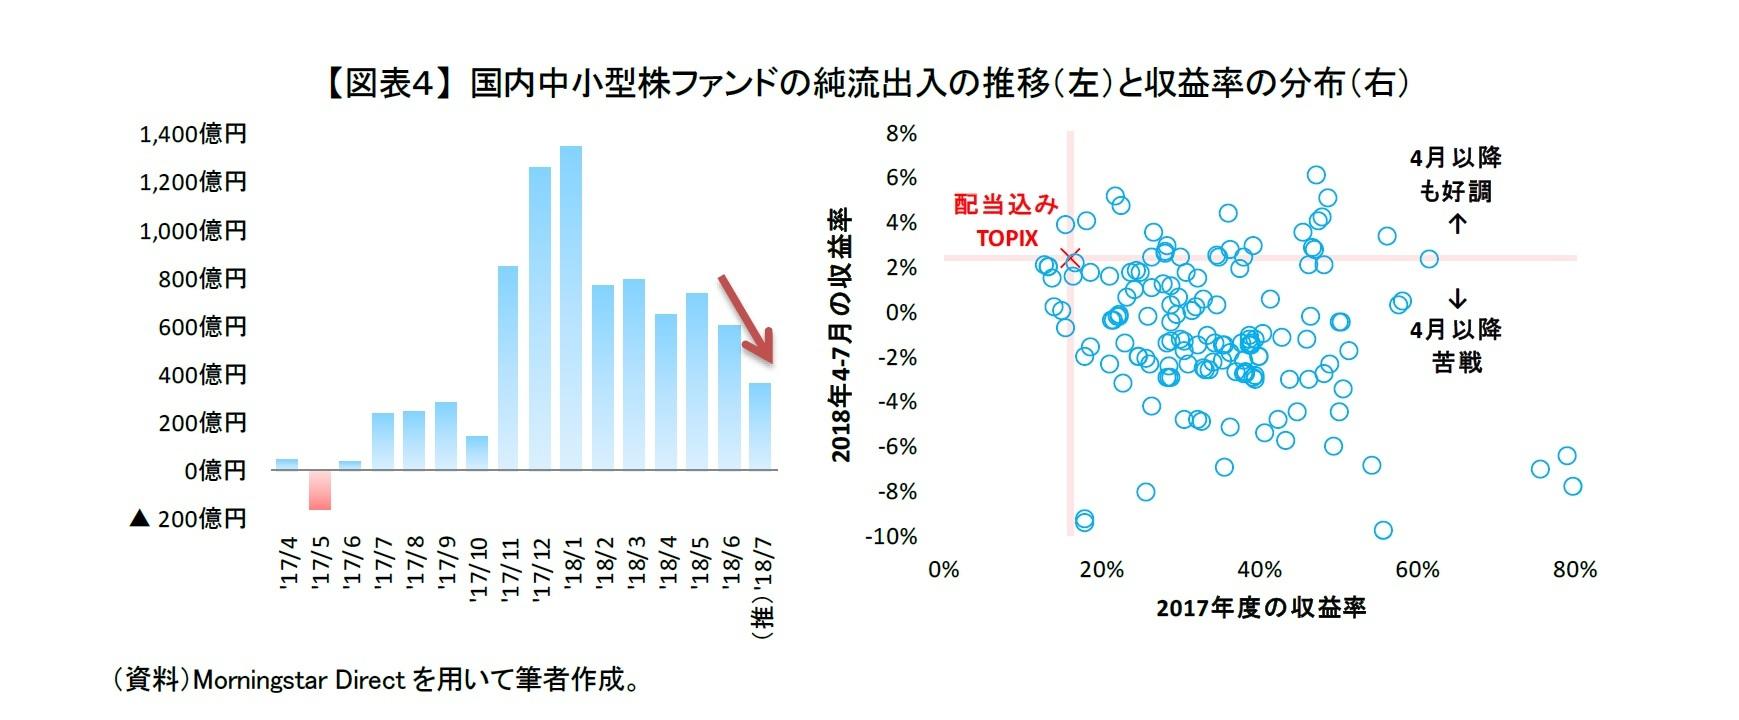 【図表4】 国内中小型株ファンドの純流出入の推移(左)と収益率の分布(右)